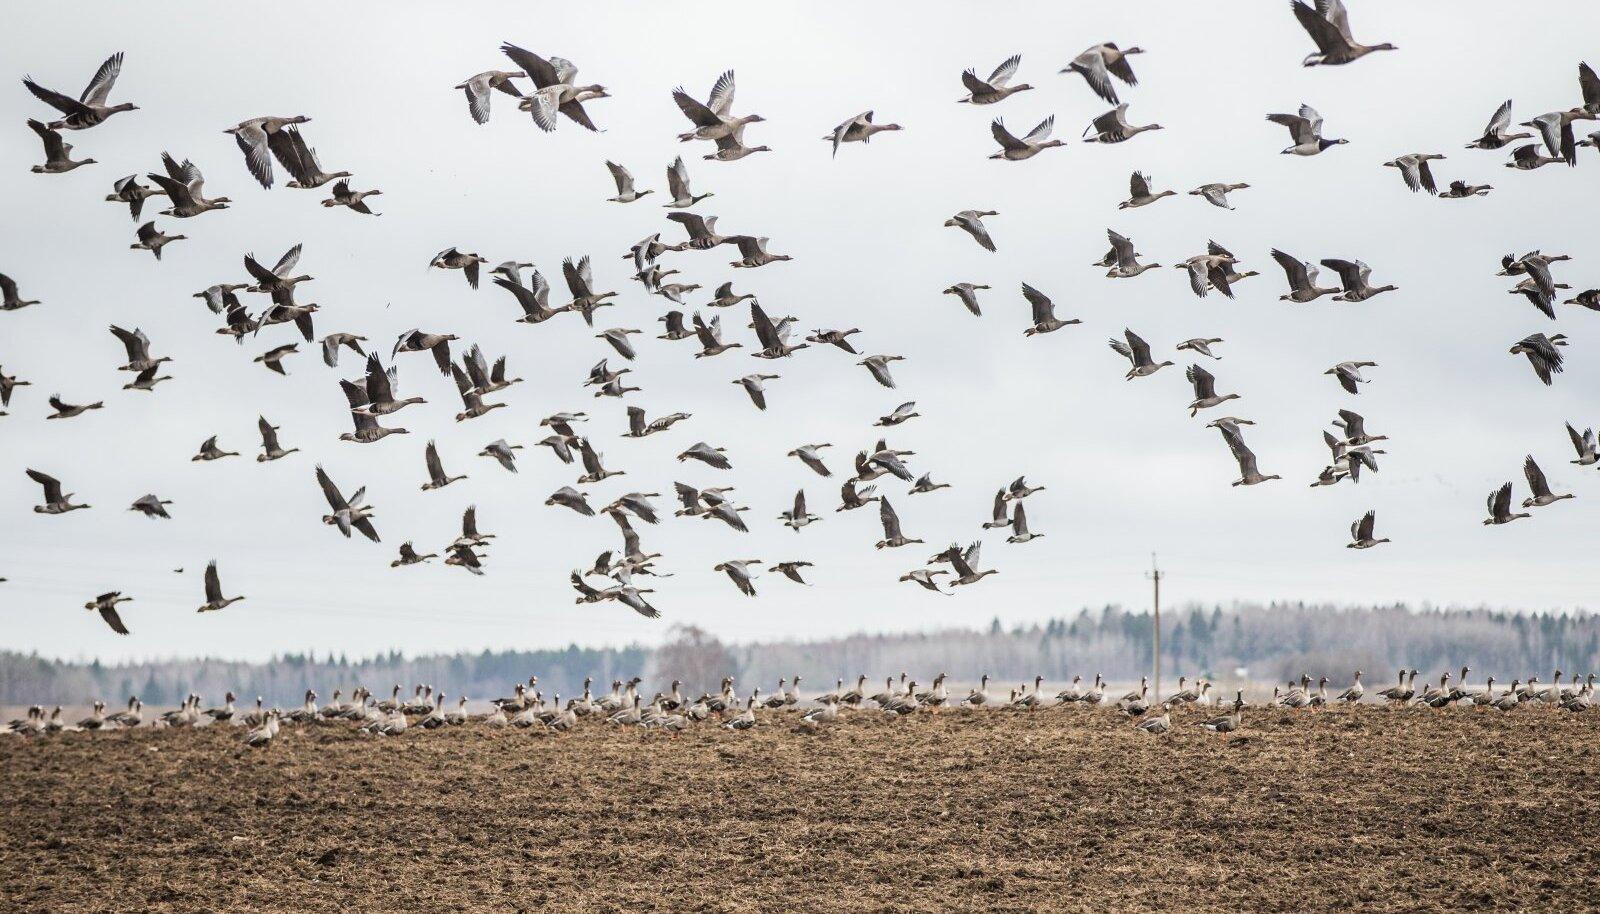 Keskkonnaameti korralduse alusel lubati põllukultuuride kaitsmiseks tänavu surmata kuni 1000 lindu (sh parve kohta vaid üks lind), mis on väga väike osa Eestit rändel läbivatest sadadest tuhandetest hanelistest.